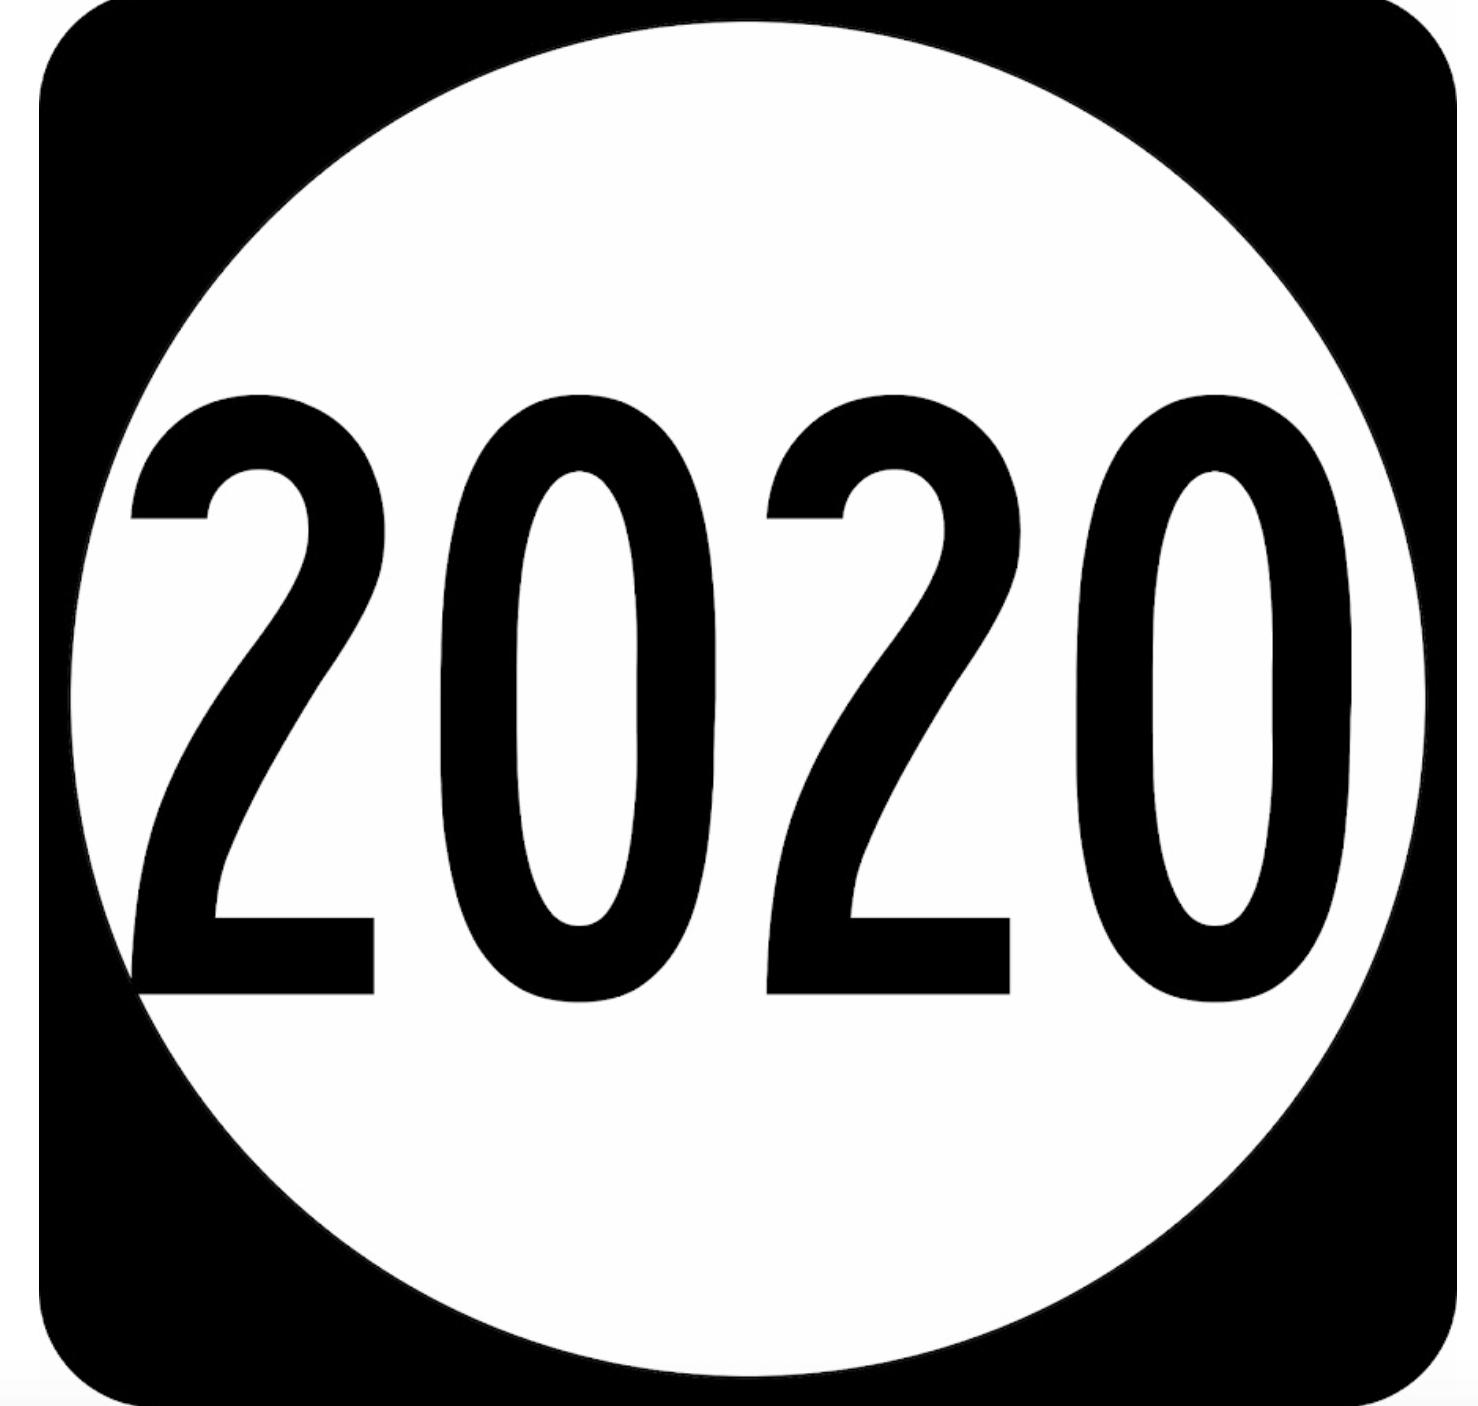 новые мфо 2020 года выдающие займы онлайн без отказа круглосуточно на карту без звонков хоум кредит банк потребительский кредит процентная ставка пенсионерам